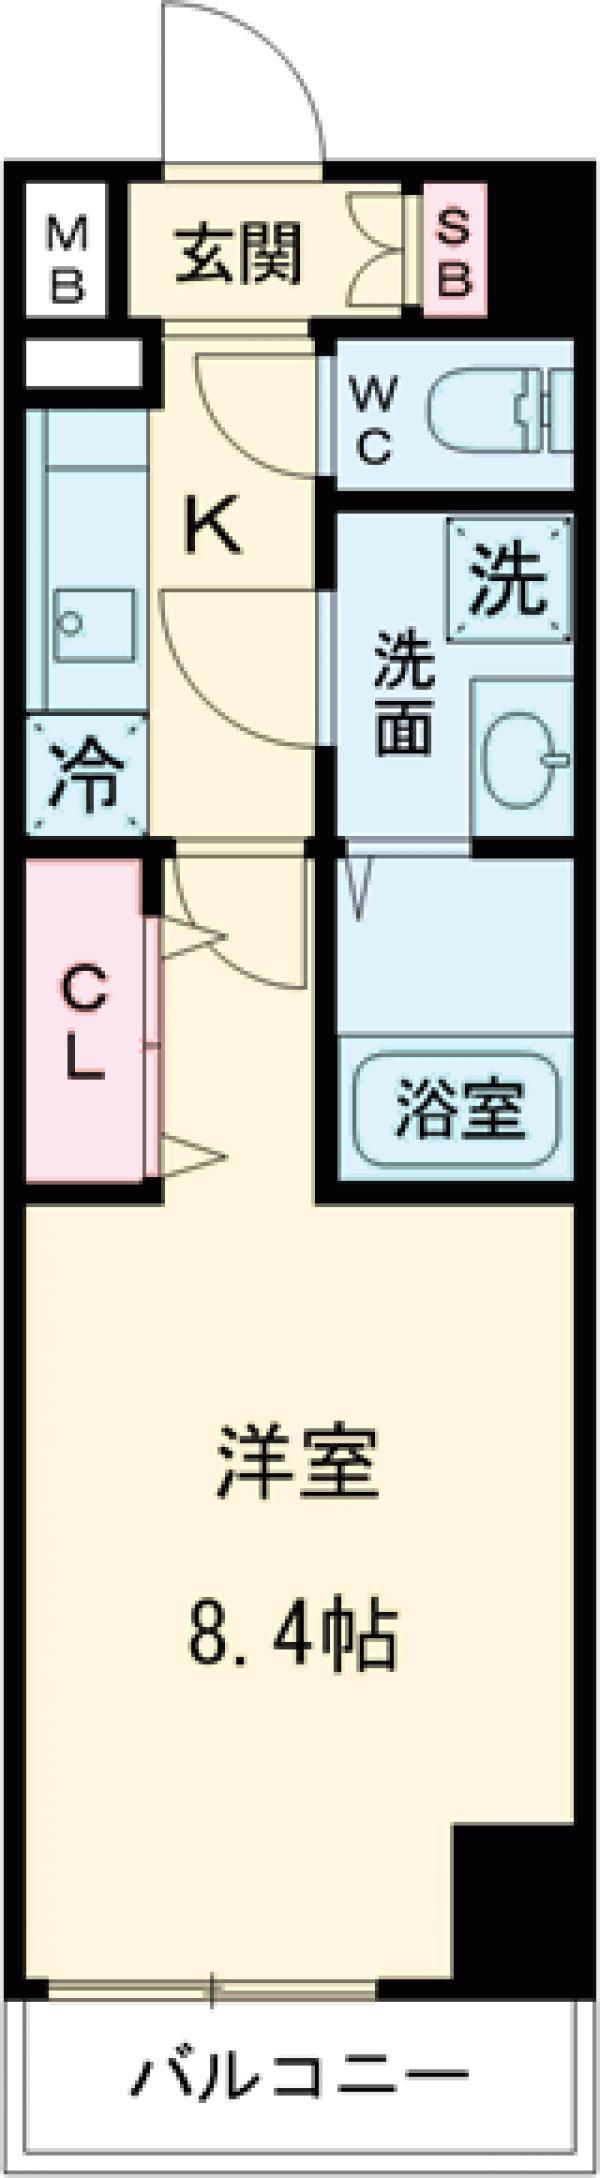 ジェノヴィア錦糸町Ⅱスカイガーデン・103号室の間取り